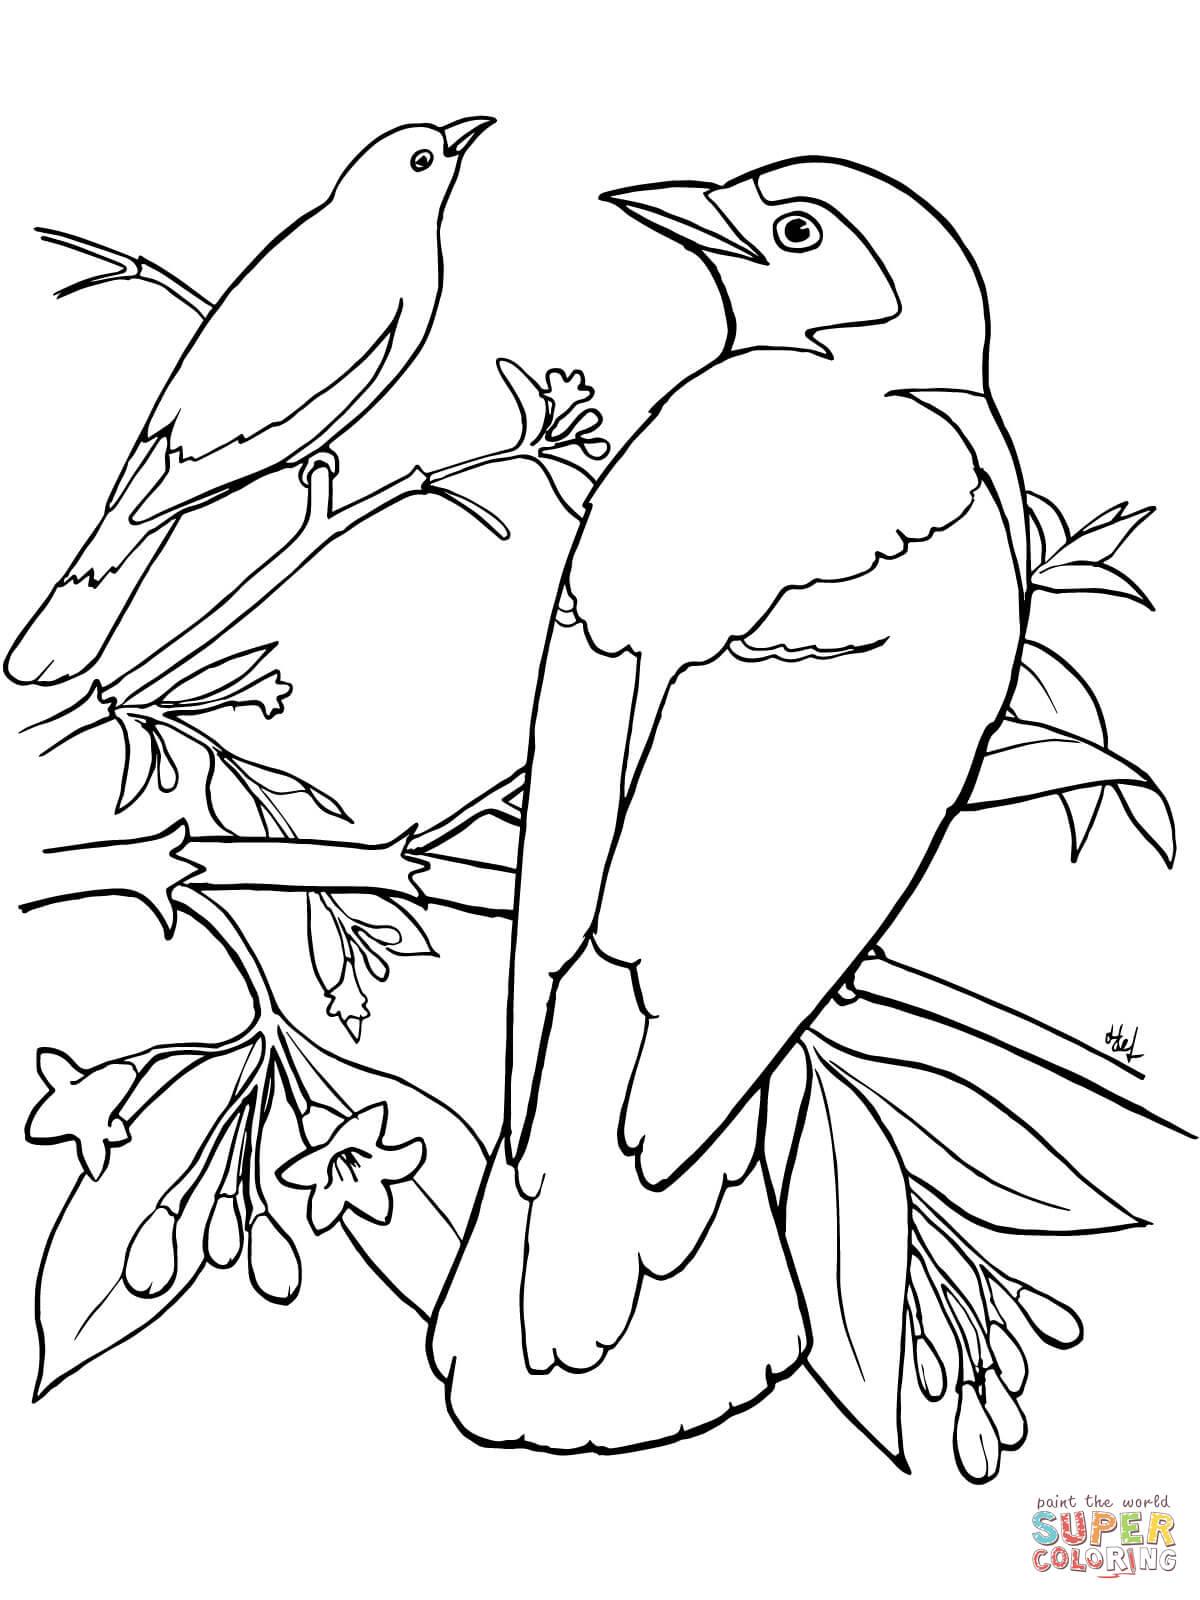 Desenho De Dois Passaros Azuis Empoleirados Em Uma Arvore